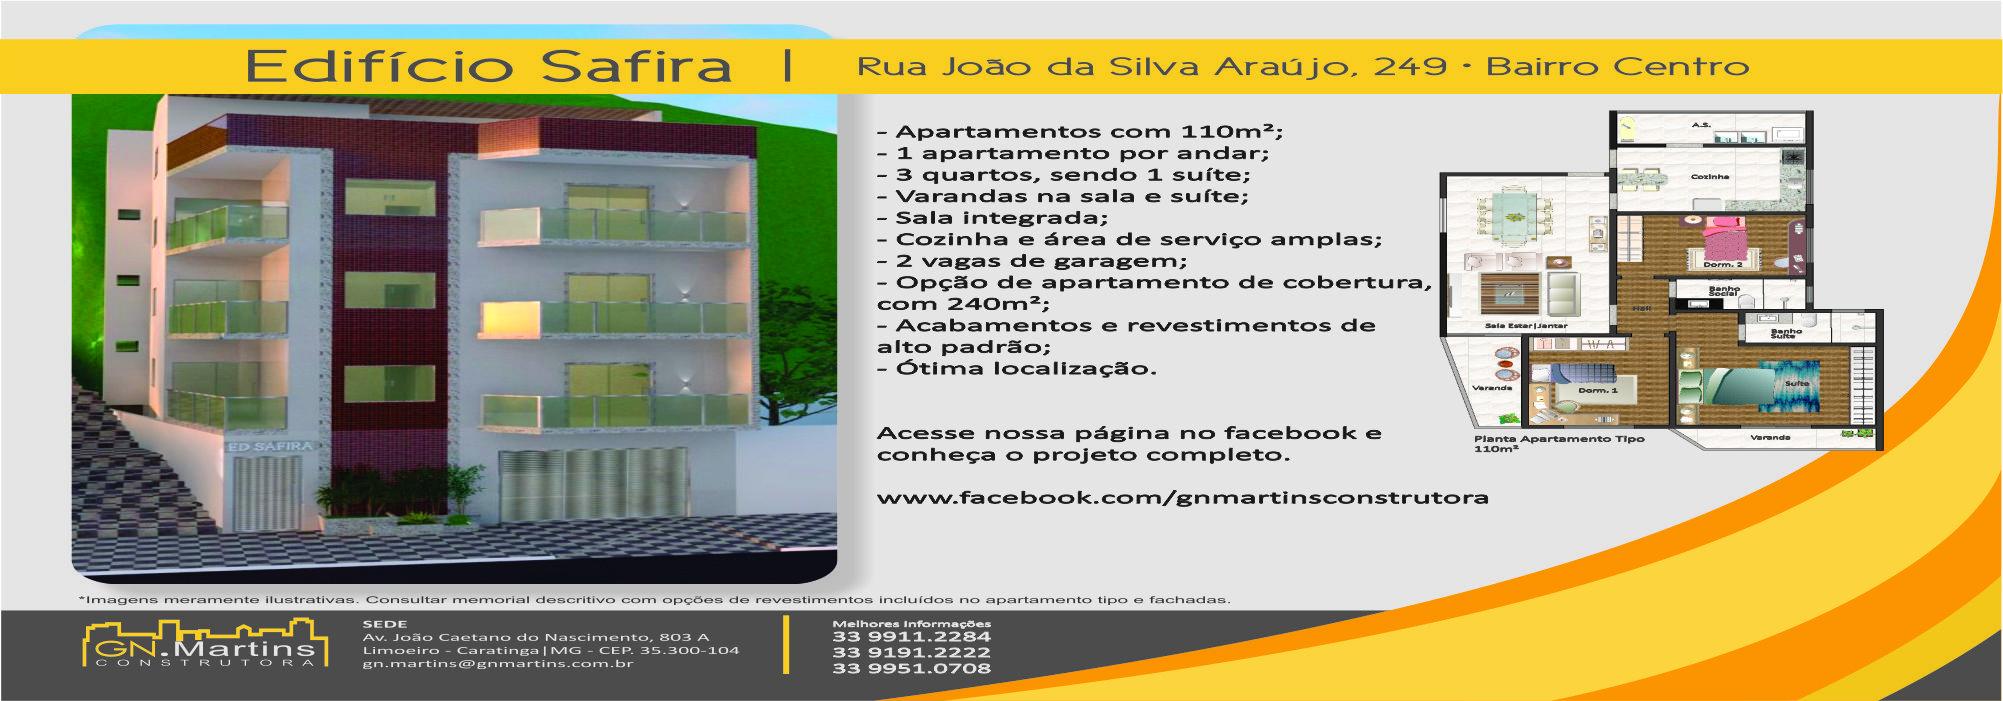 Edifício Safira